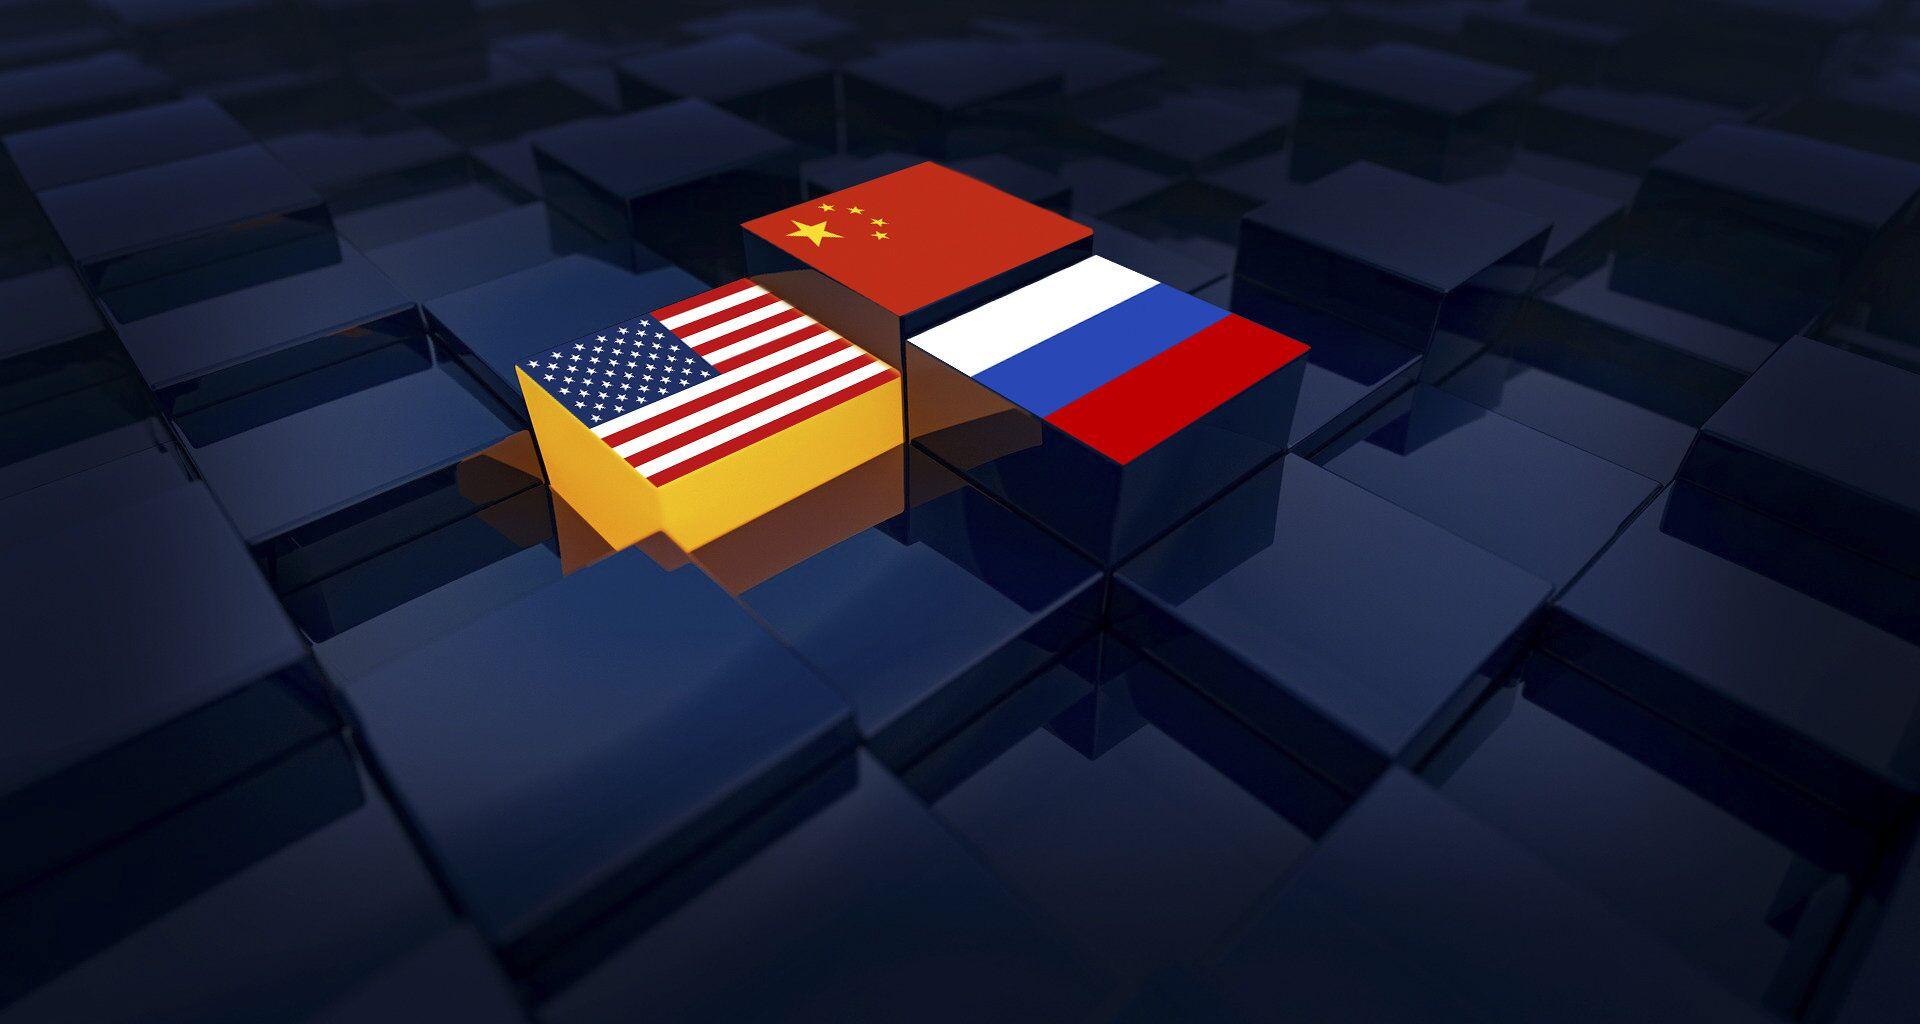 Вакцине јаче од бојевих глава: САД сече грану утицаја у Јужној Америци – Русија и Кина доминирају - Sputnik Србија, 1920, 17.03.2021